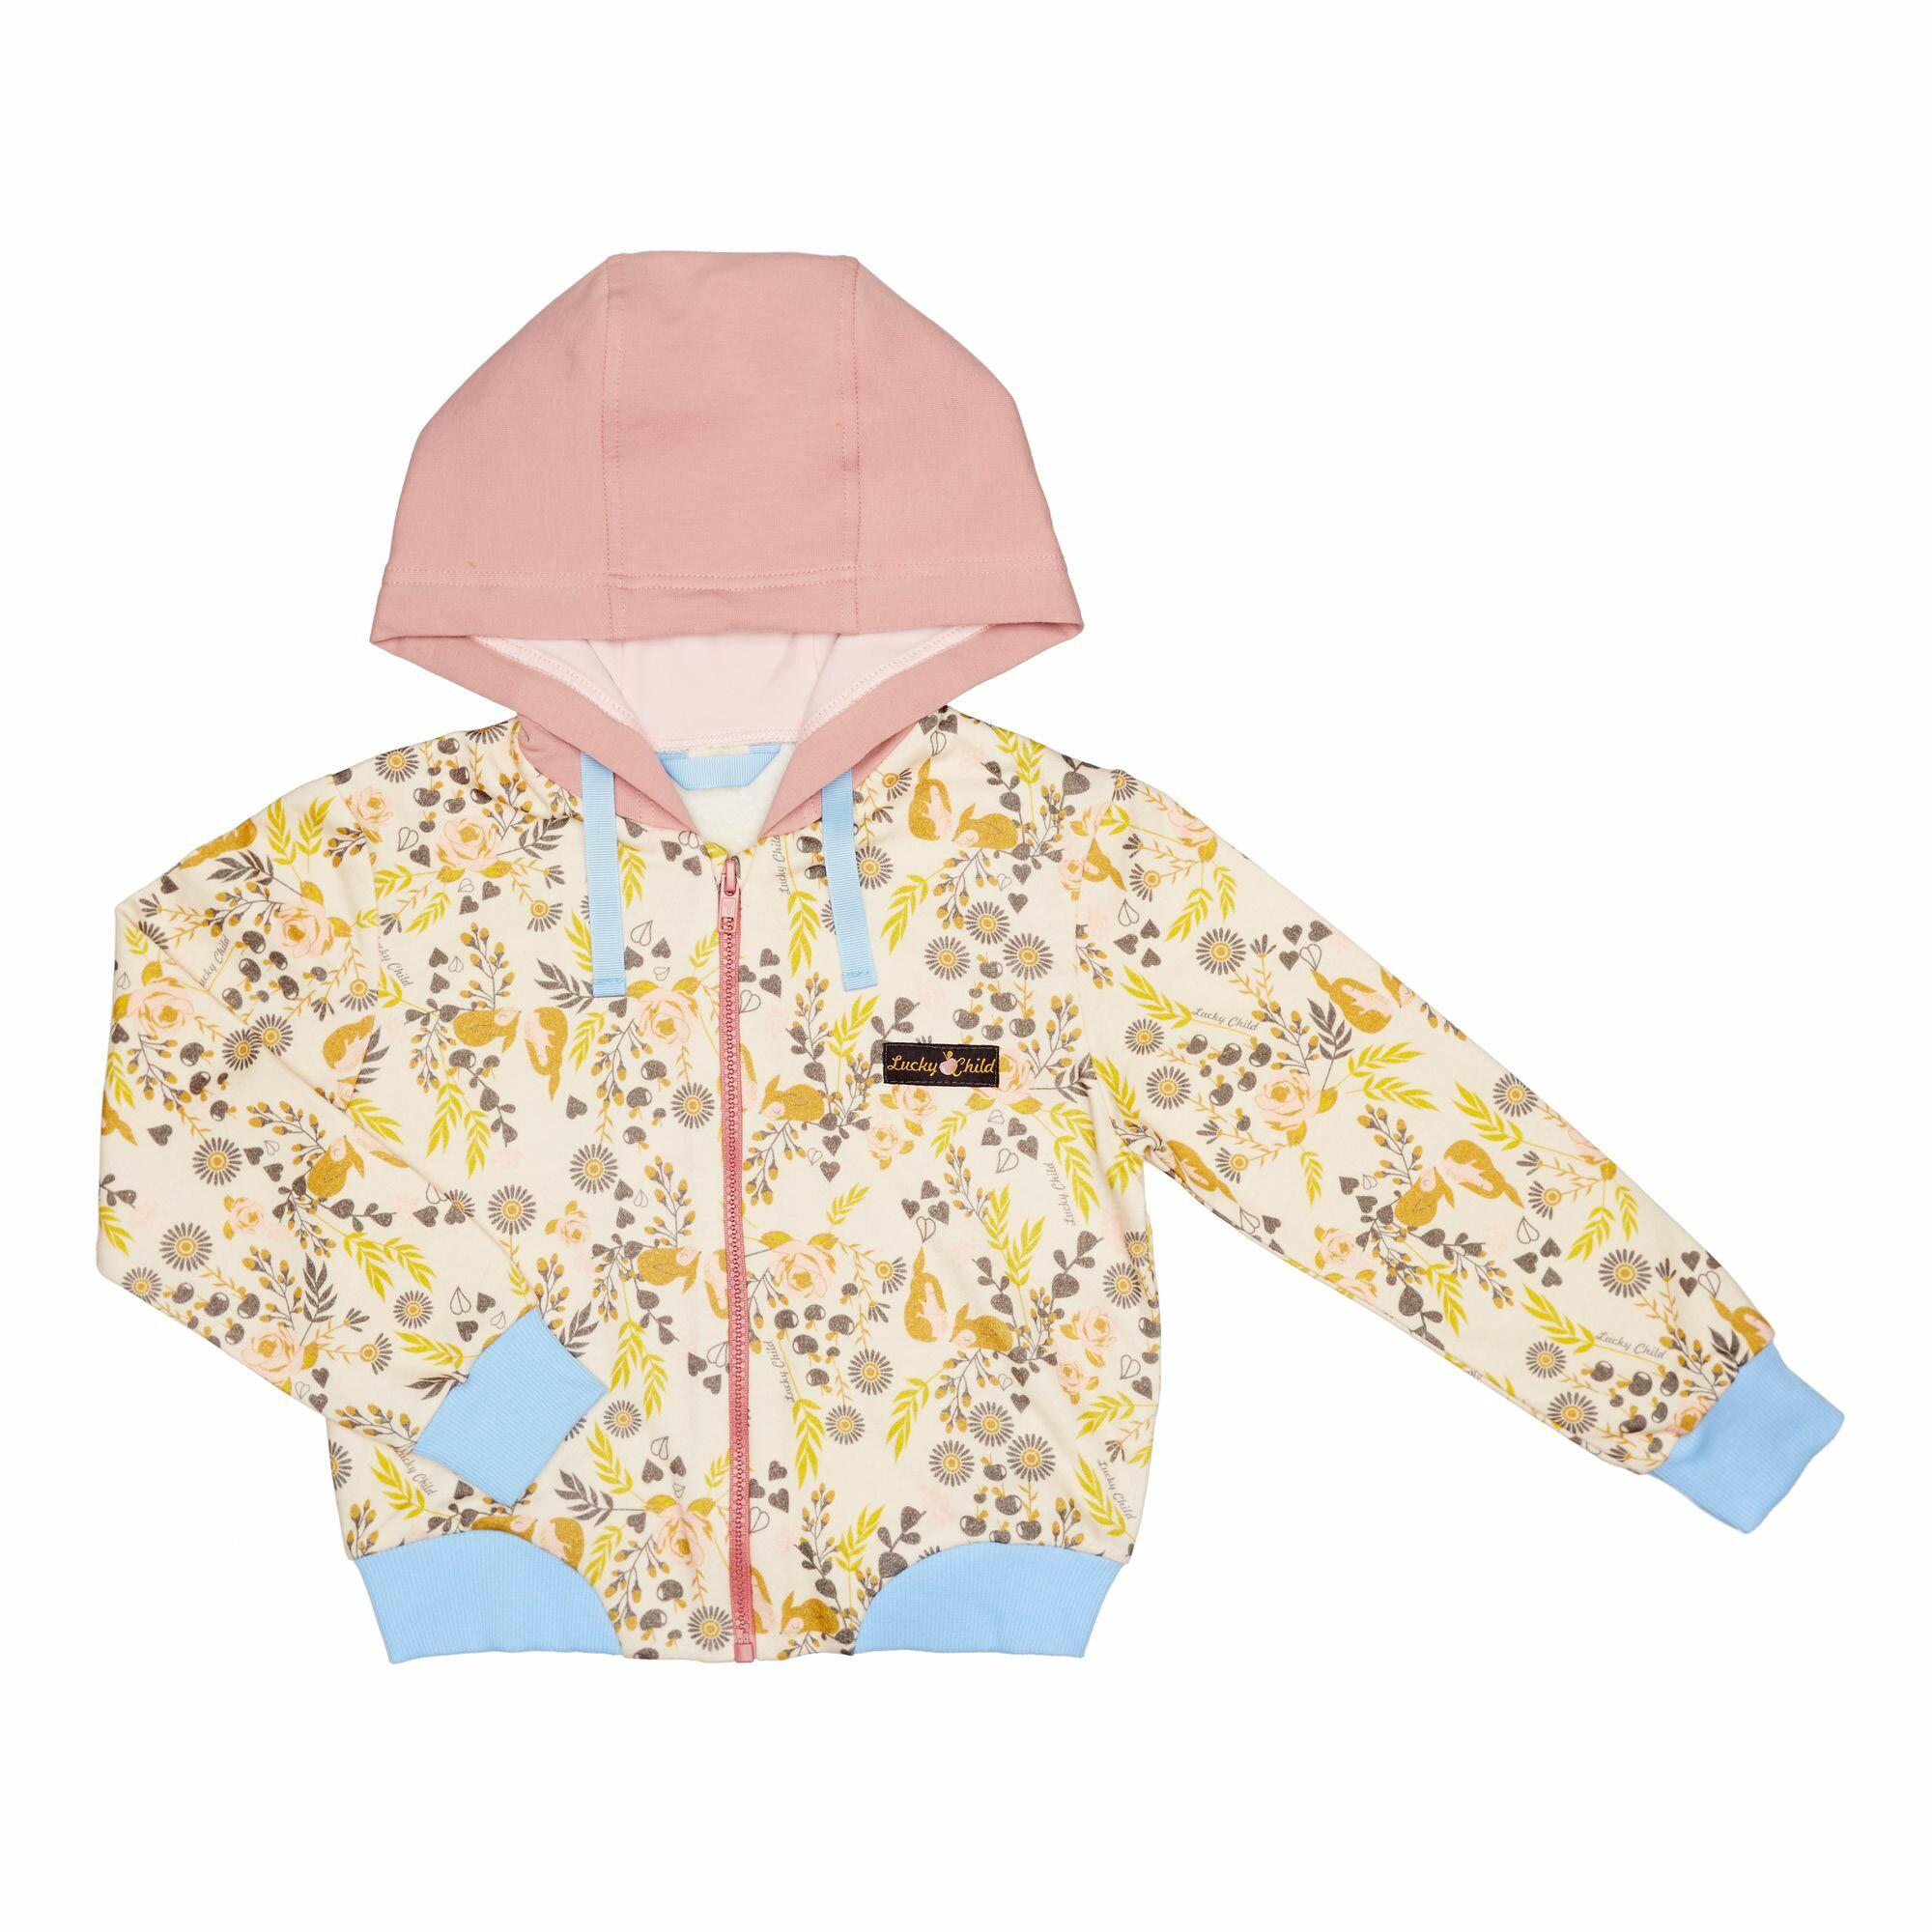 Купить Куртка Lucky Child Осенний лес цветная 116-122, Разноцветный, Для девочек, Осень-Зима,